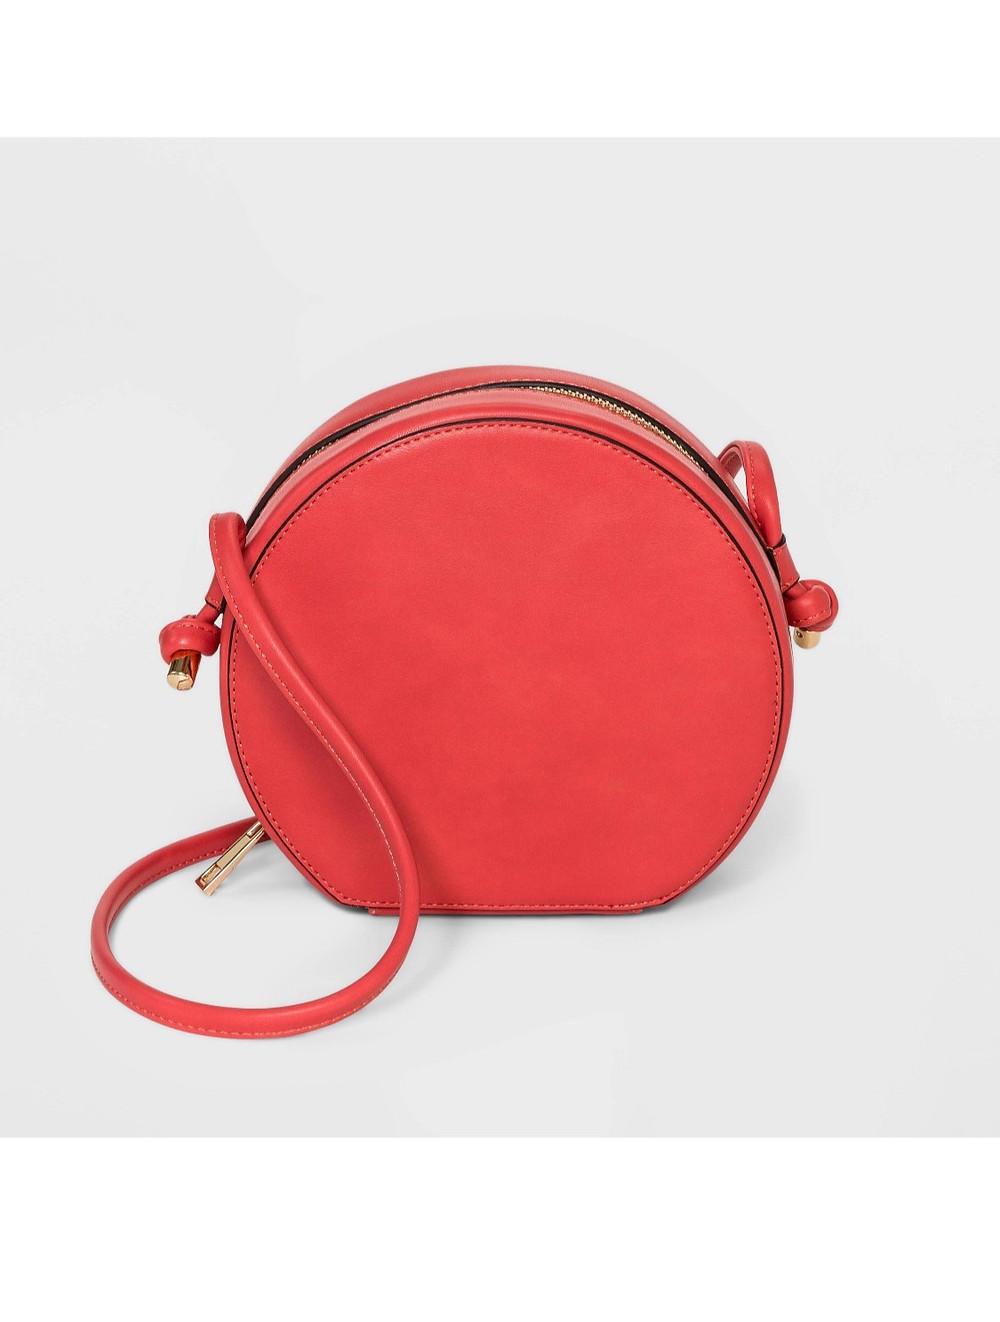 Circle shape handbag